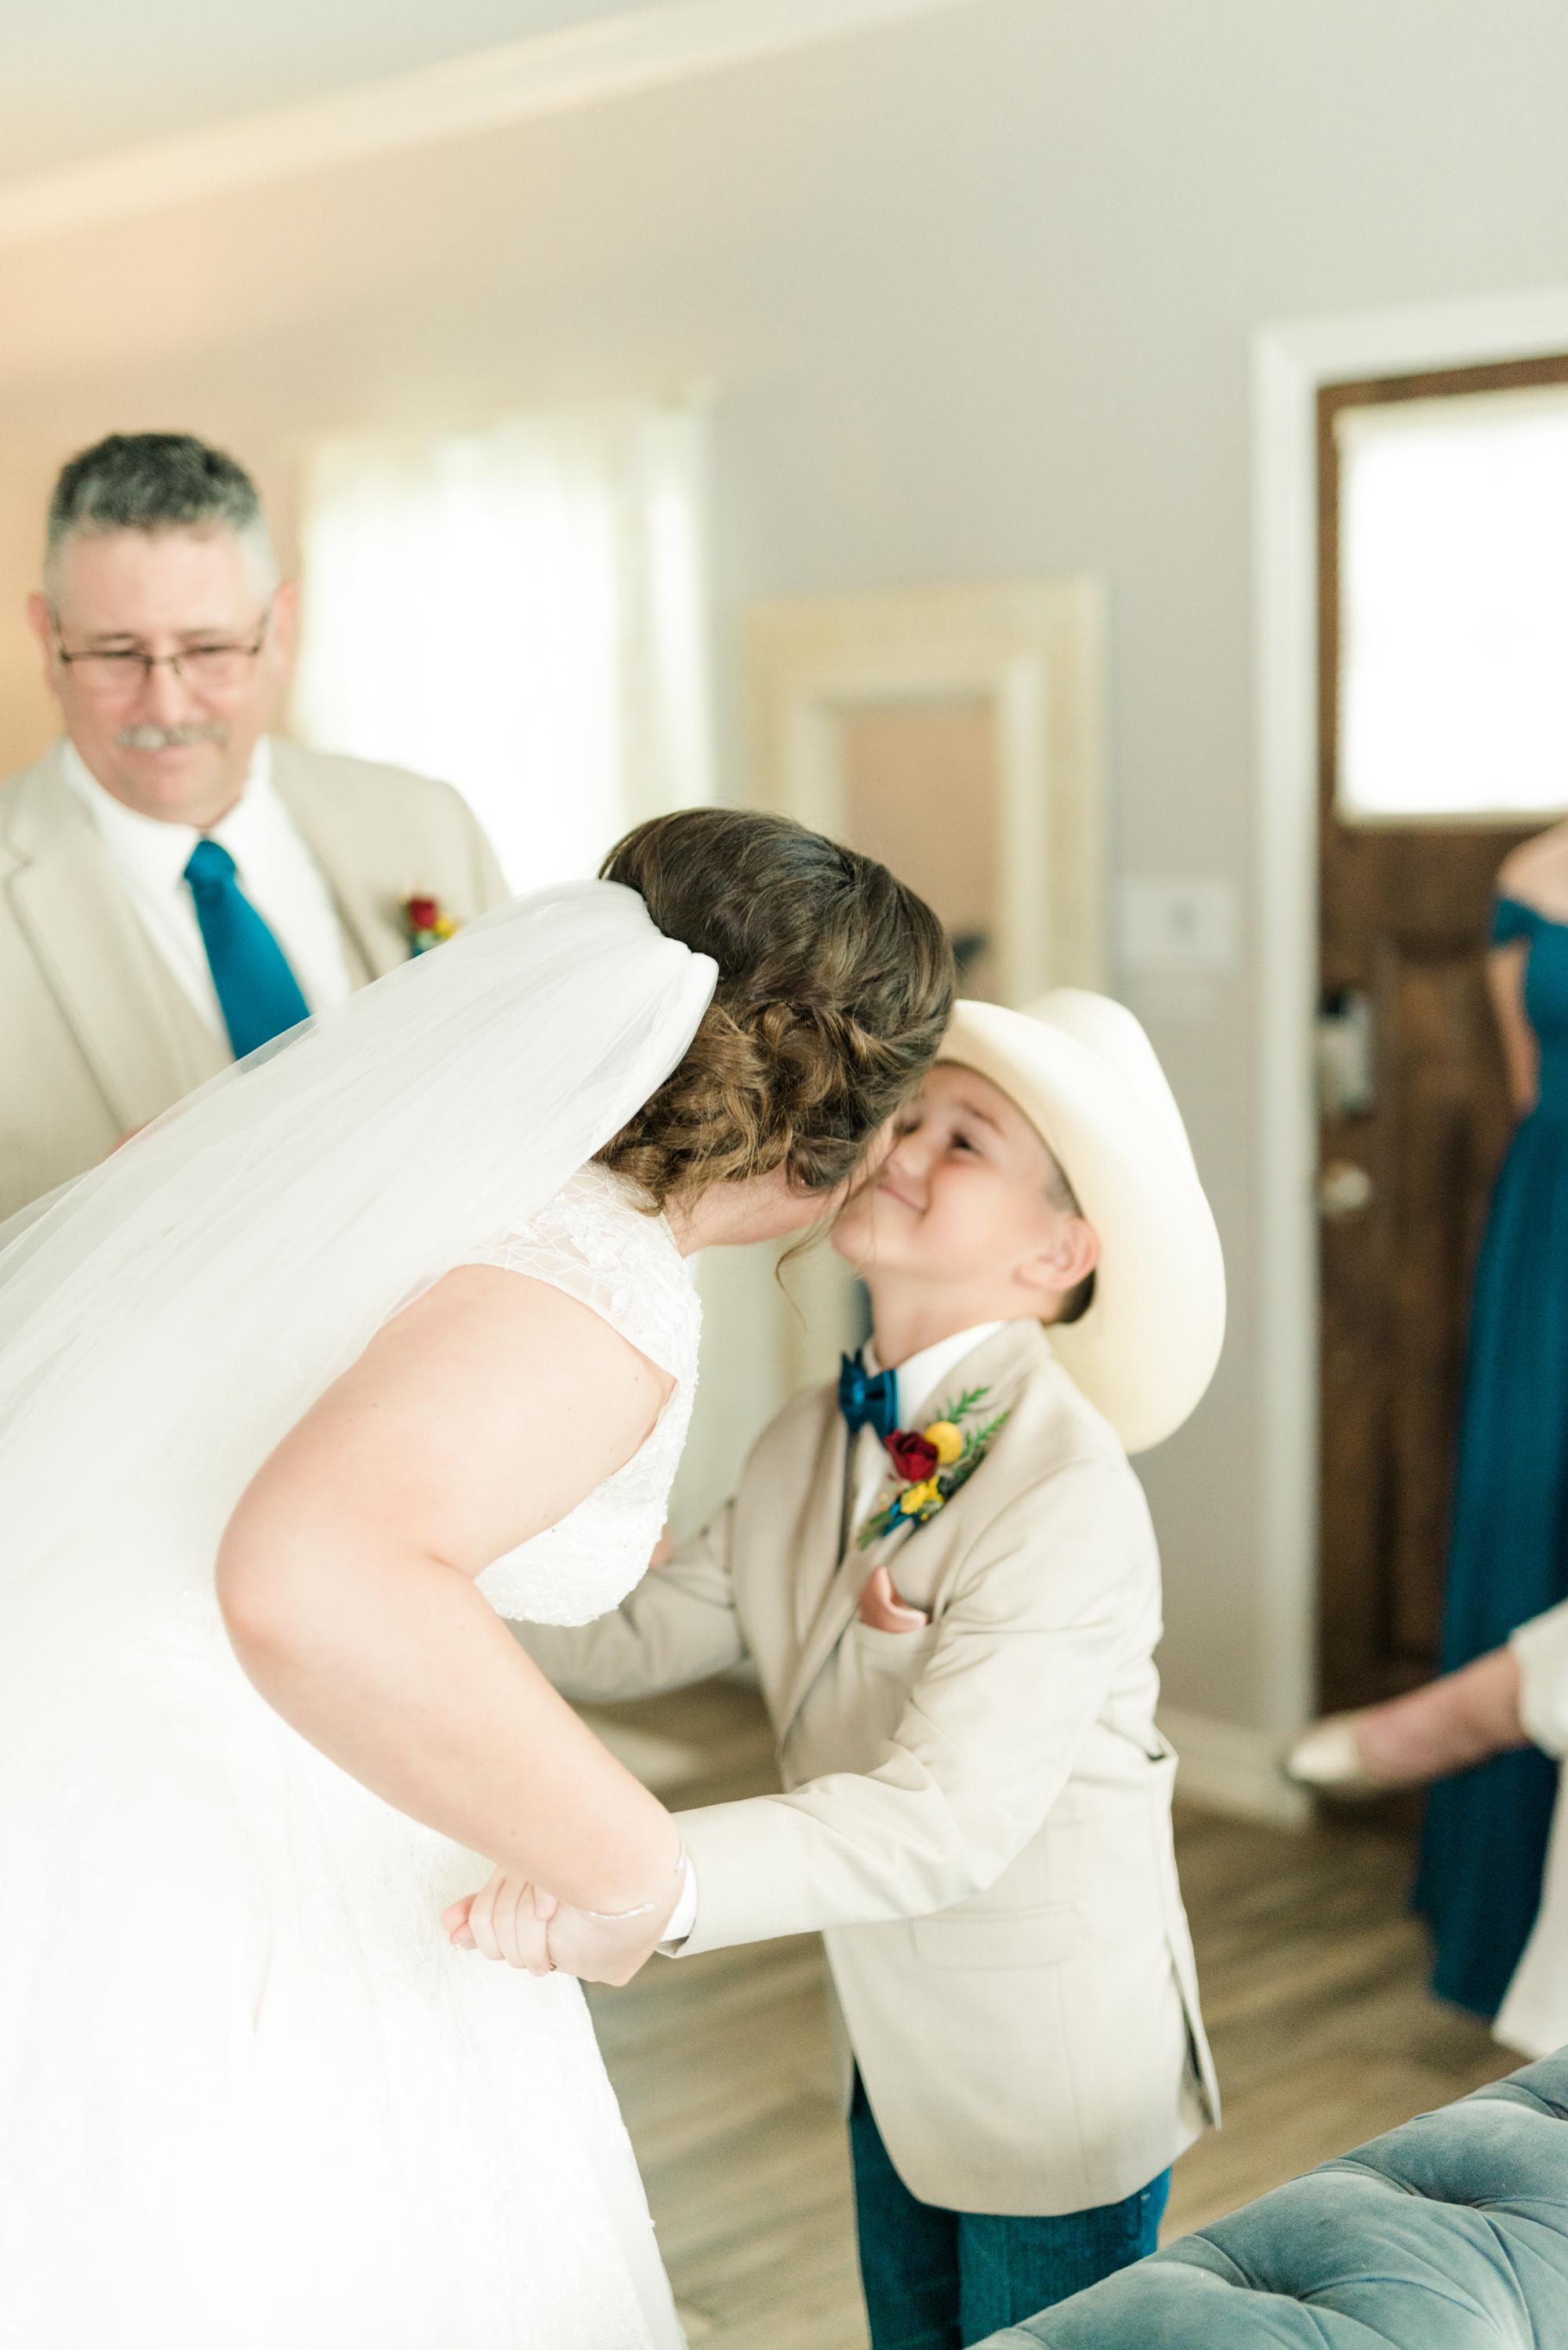 Wesley-Wedding-Ten23-Photography-287.jpg